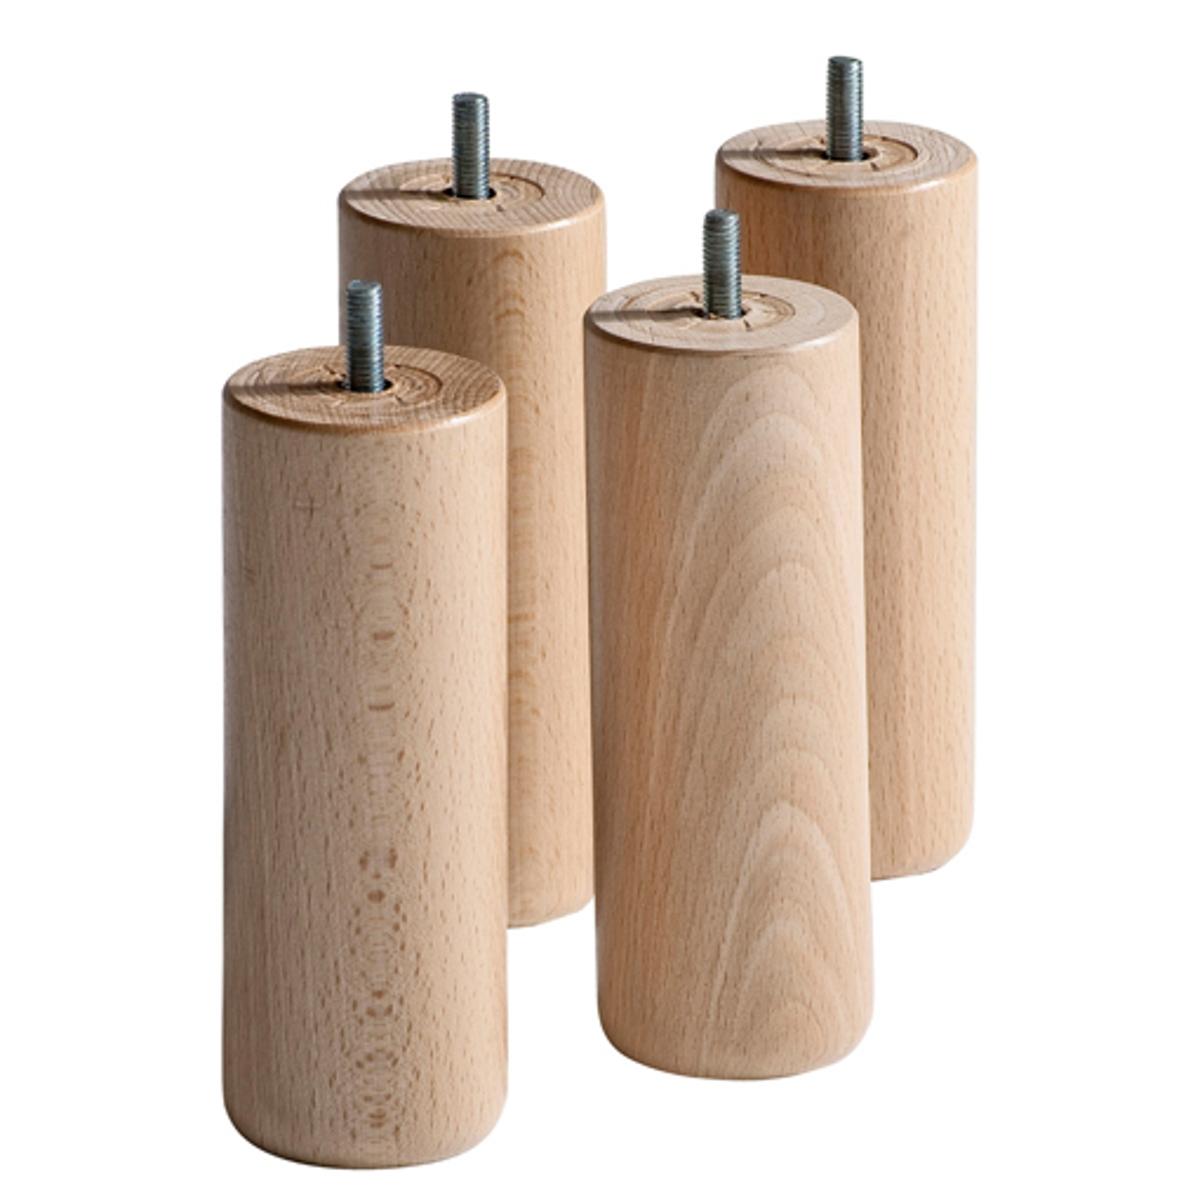 4 ножки для кроватного основания4 ножки, адаптируемые для любого типа кроватного основания (вкручивающиеся или вставляемые в паз)   .     Характеристики : - Ножки кроватного основания из массива бука с покрытием целлюлозным лаком . - В комплекте 4 ножки . Размер :- ?6 x В 20 см .<br><br>Цвет: белый,серо-бежевый<br>Размер: комплект из 4